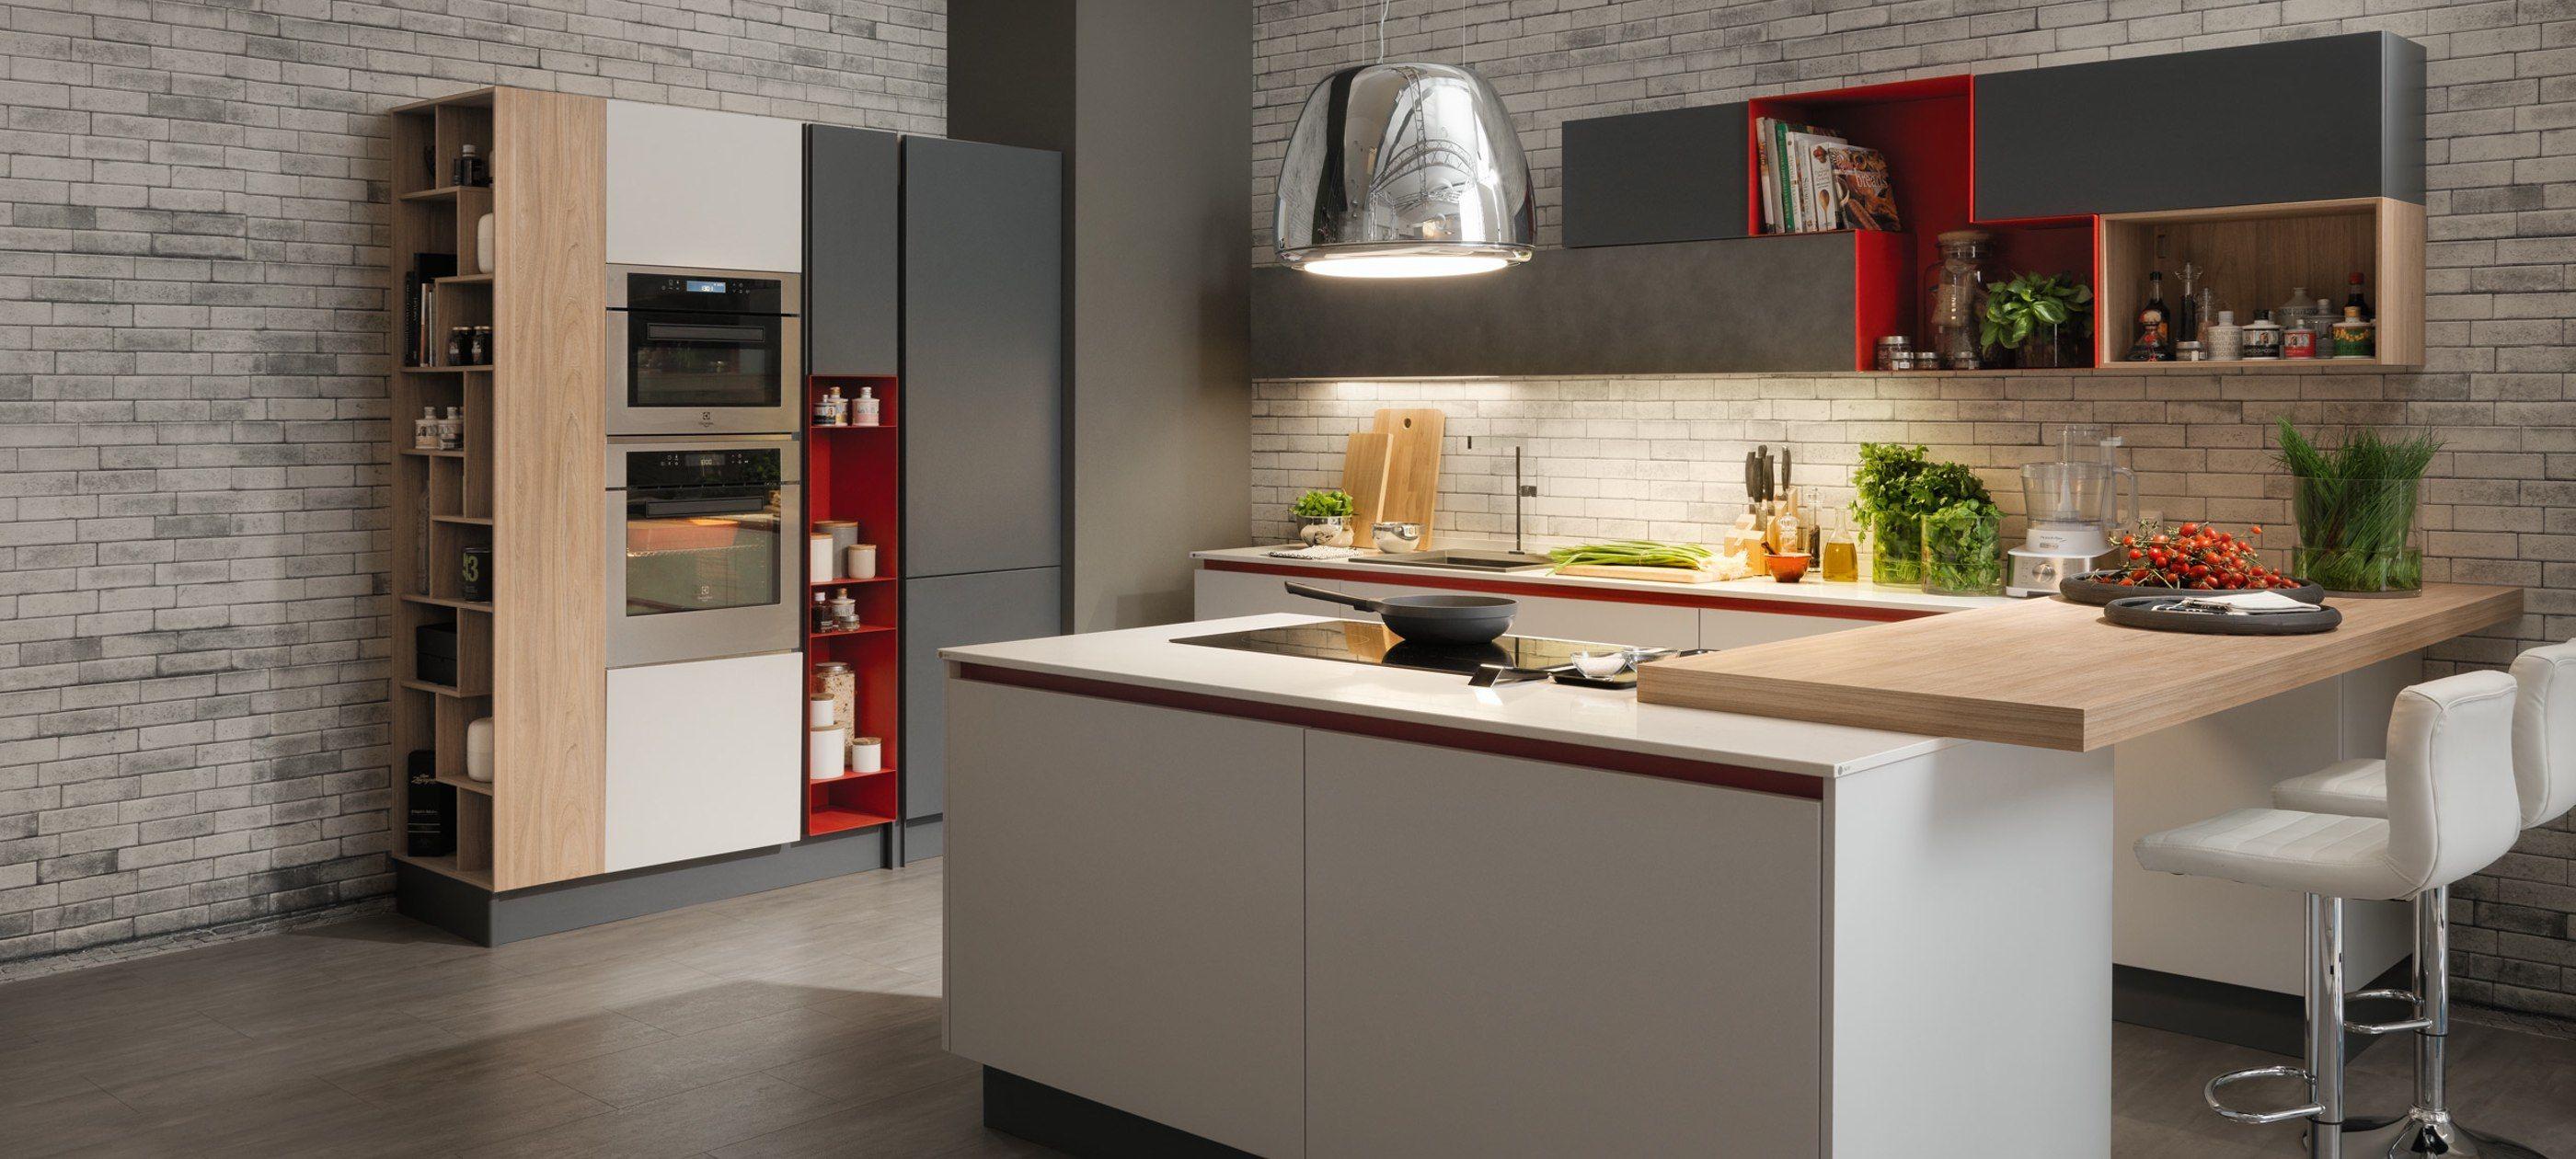 cucine moderne stosa - modello cucina aleve 03 | cucine ...